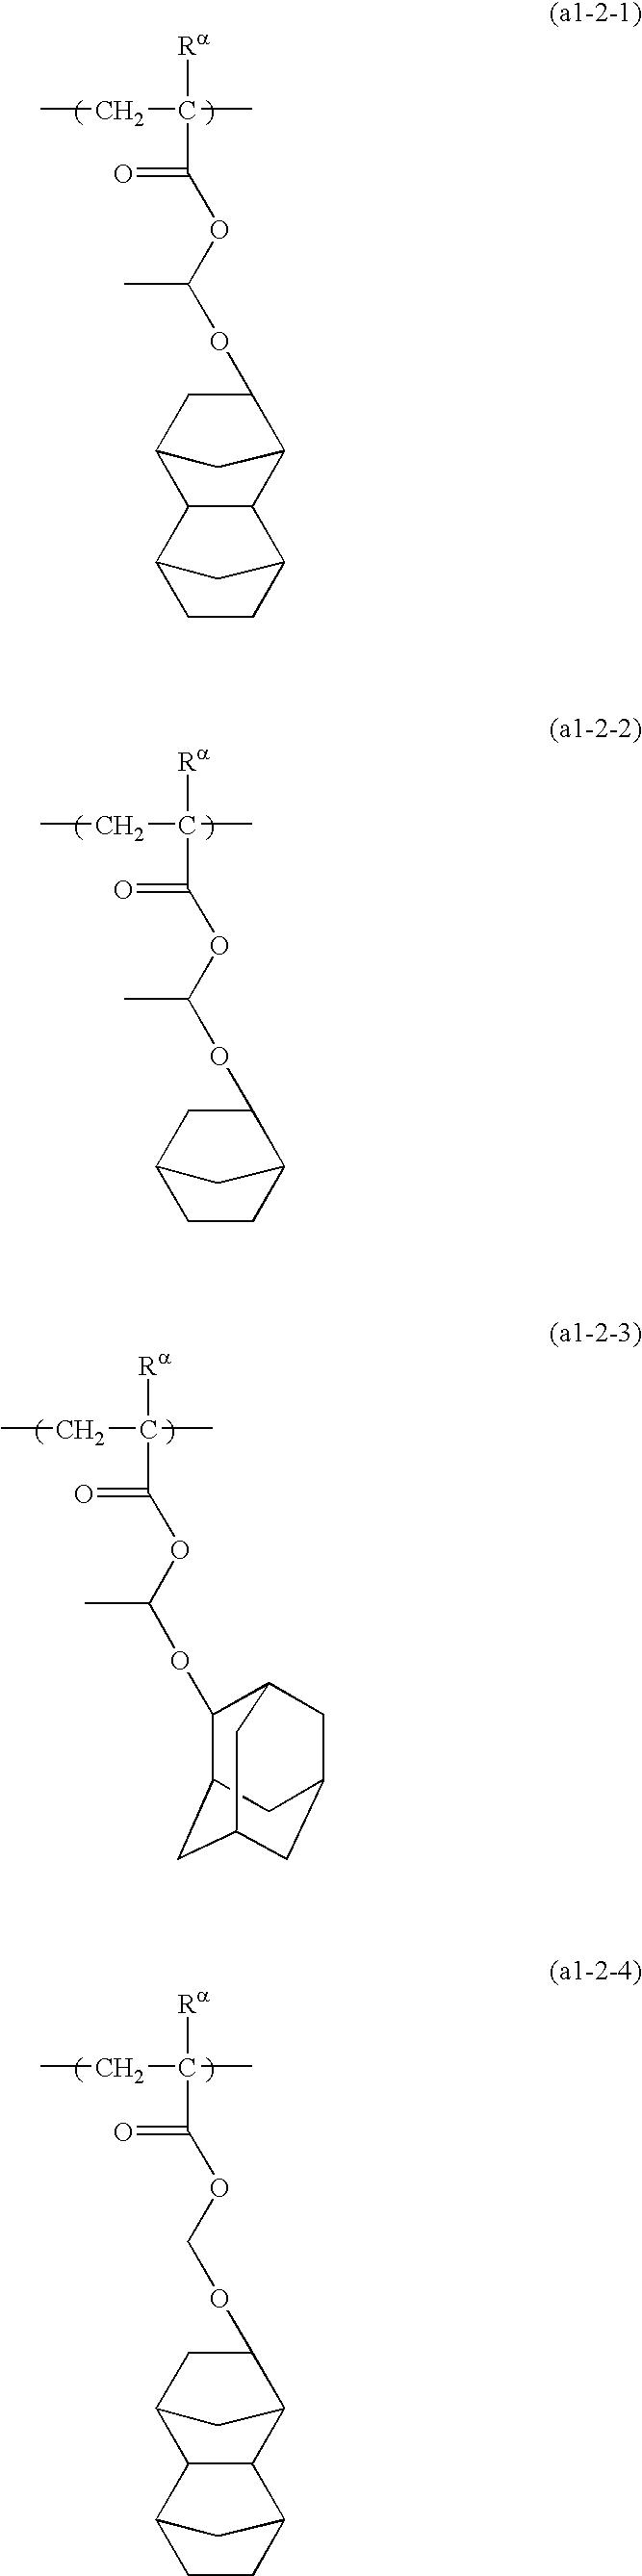 Figure US20100136480A1-20100603-C00027